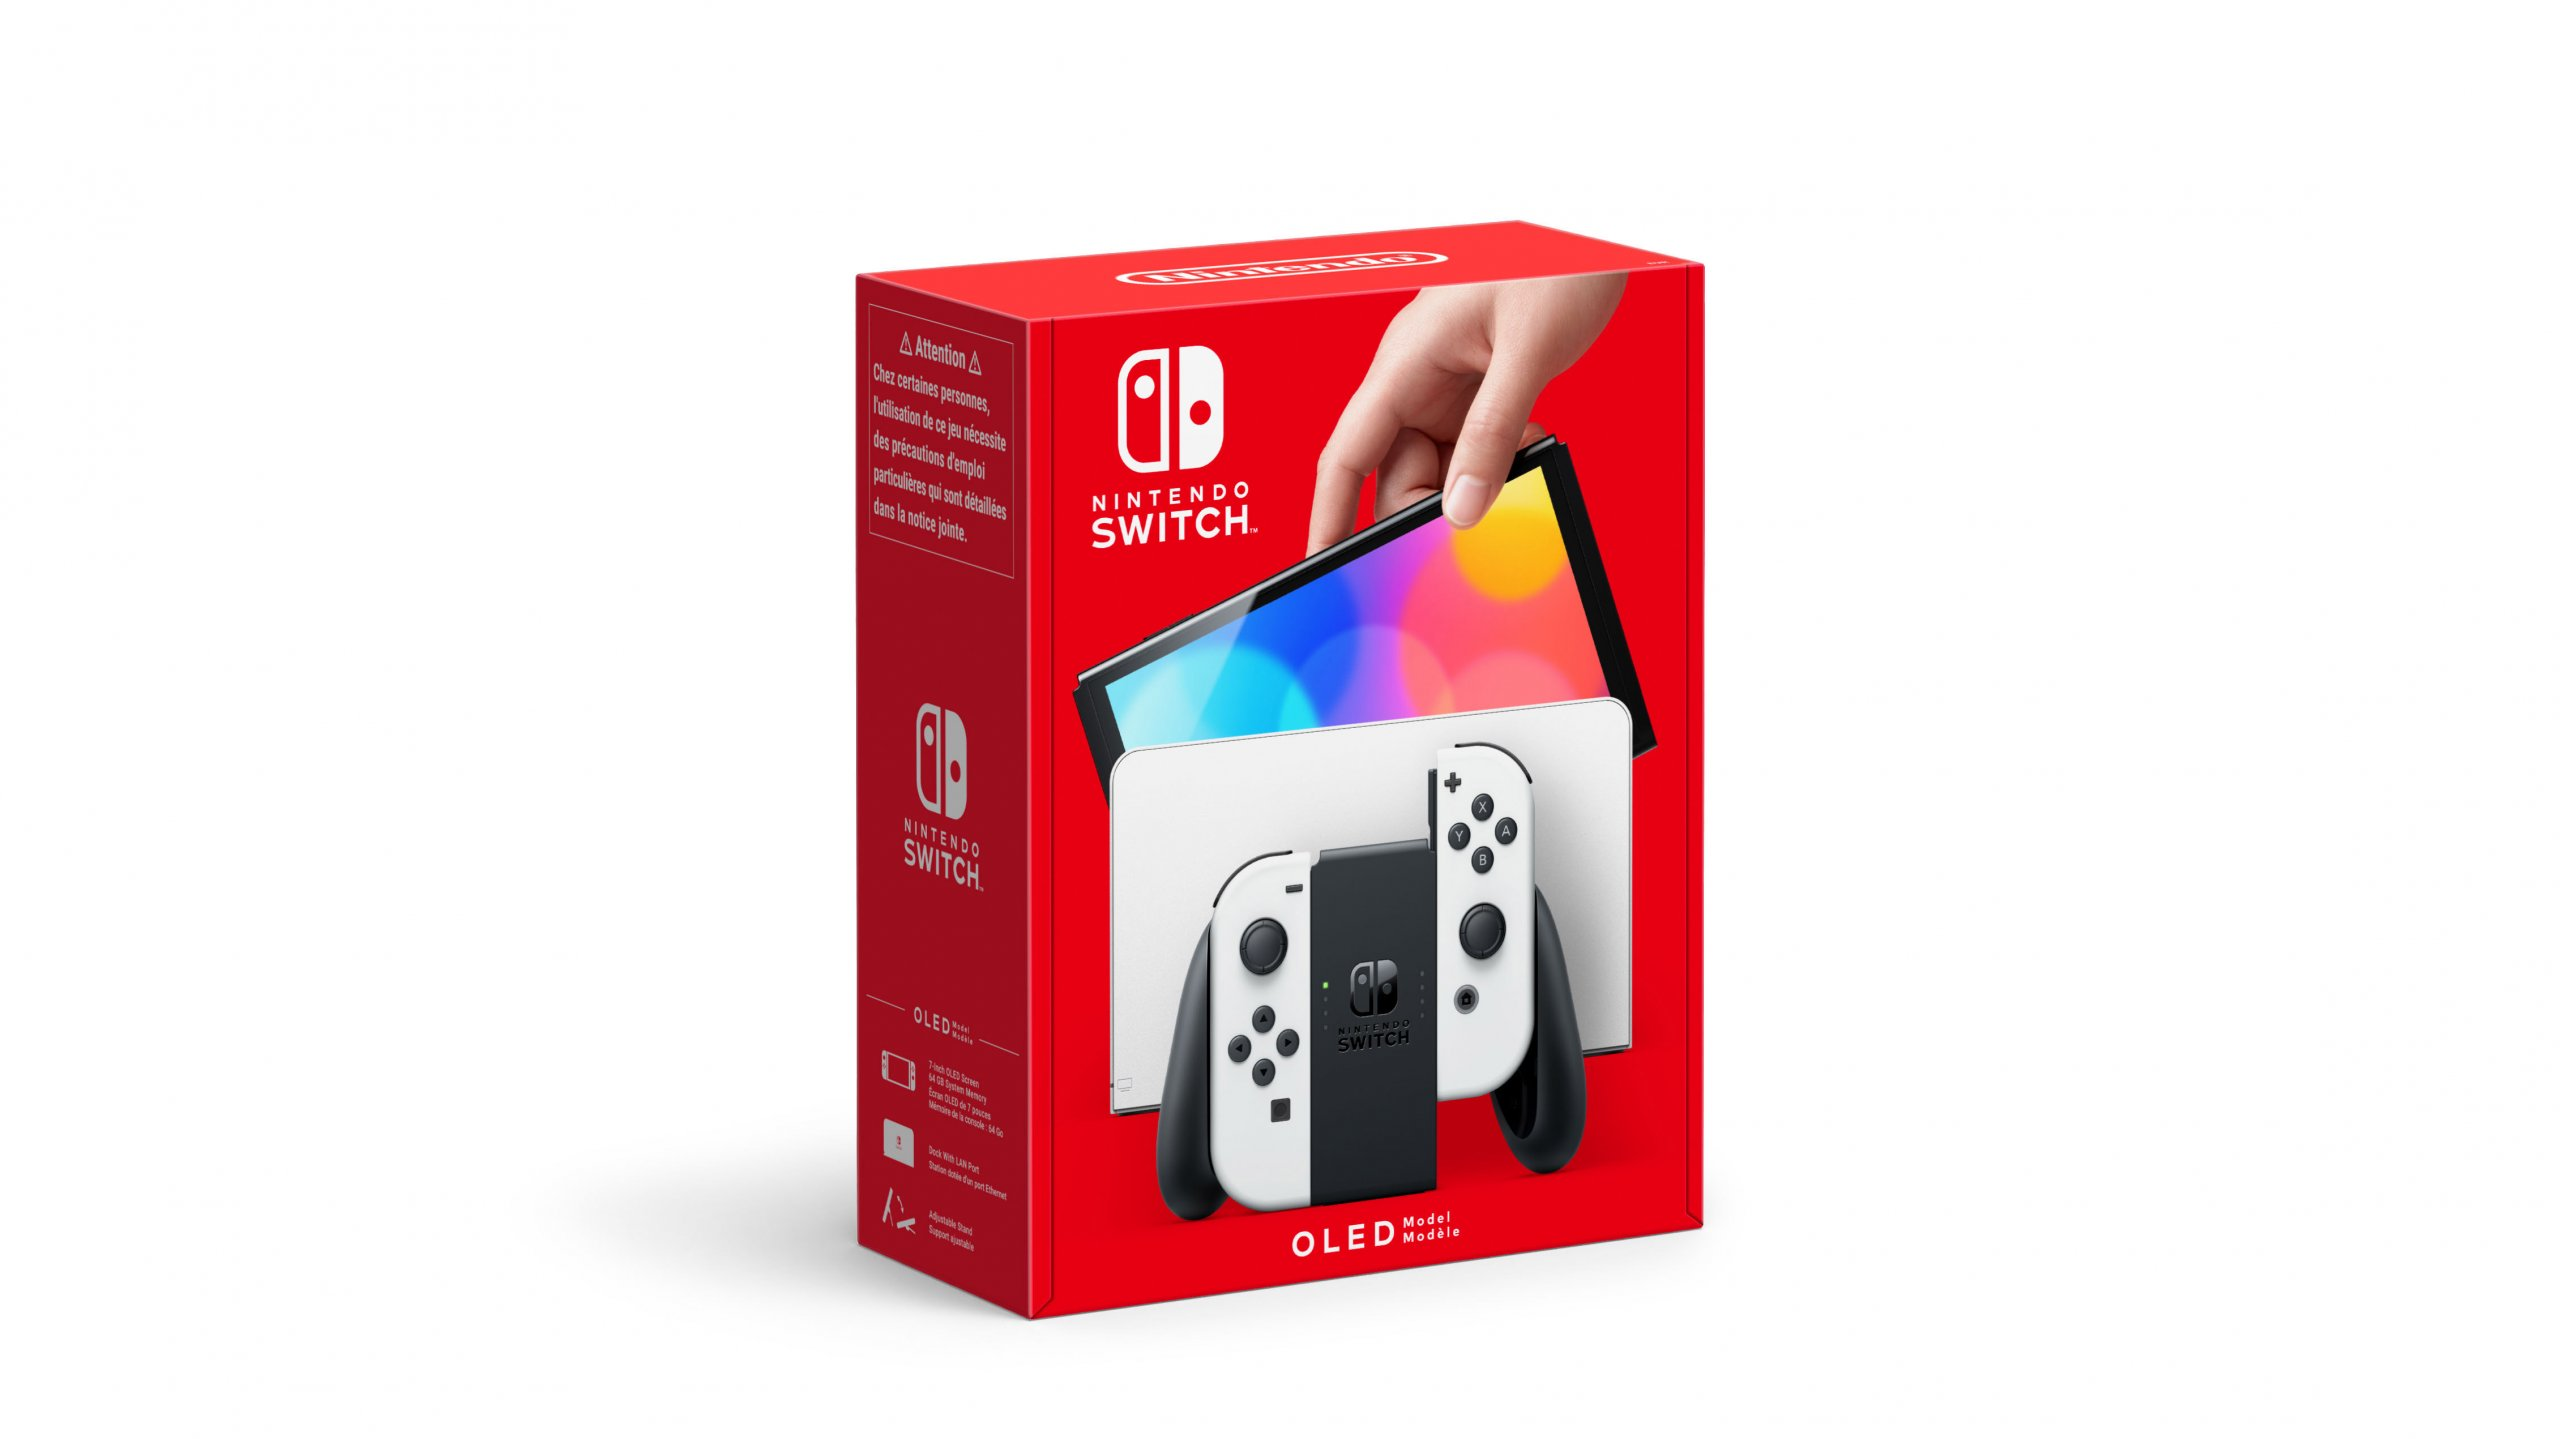 אריזה של Nintendo Switch OLED